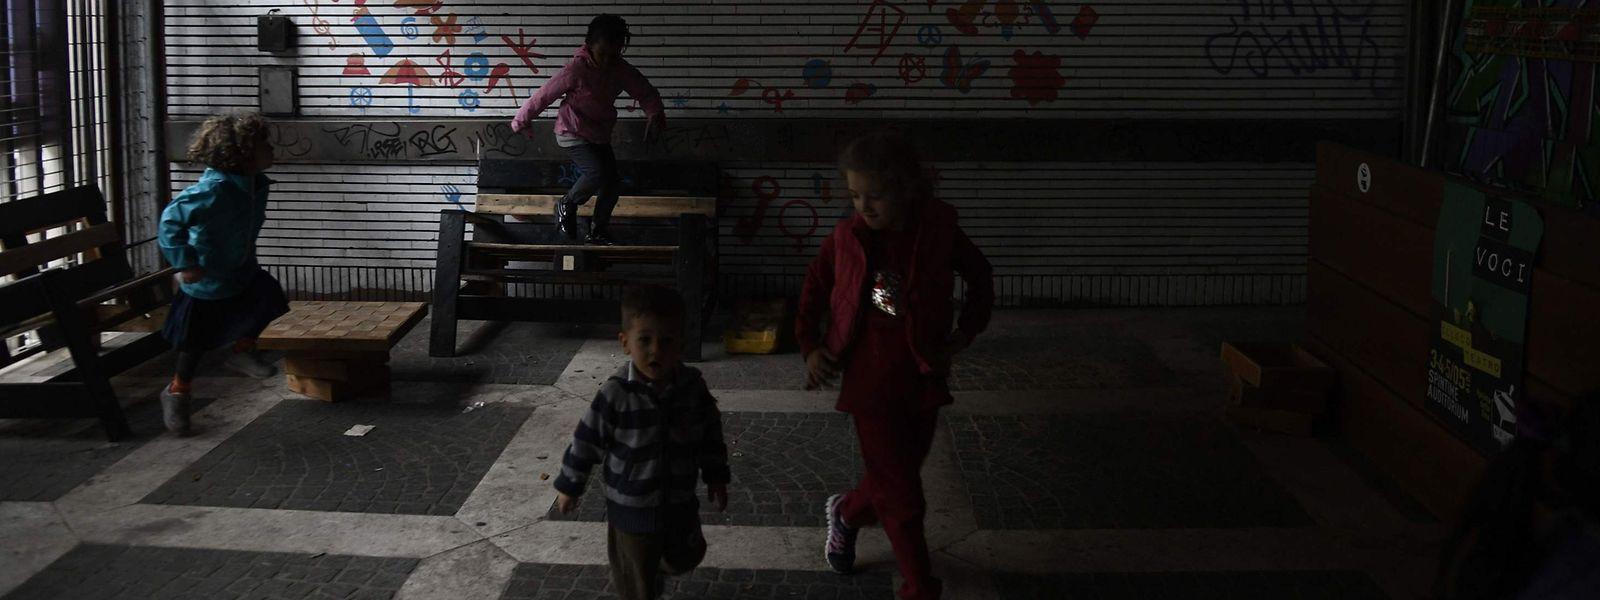 """Kinder spielen in dem besetzten Haus """"Spin Time Labs"""" in Rom."""